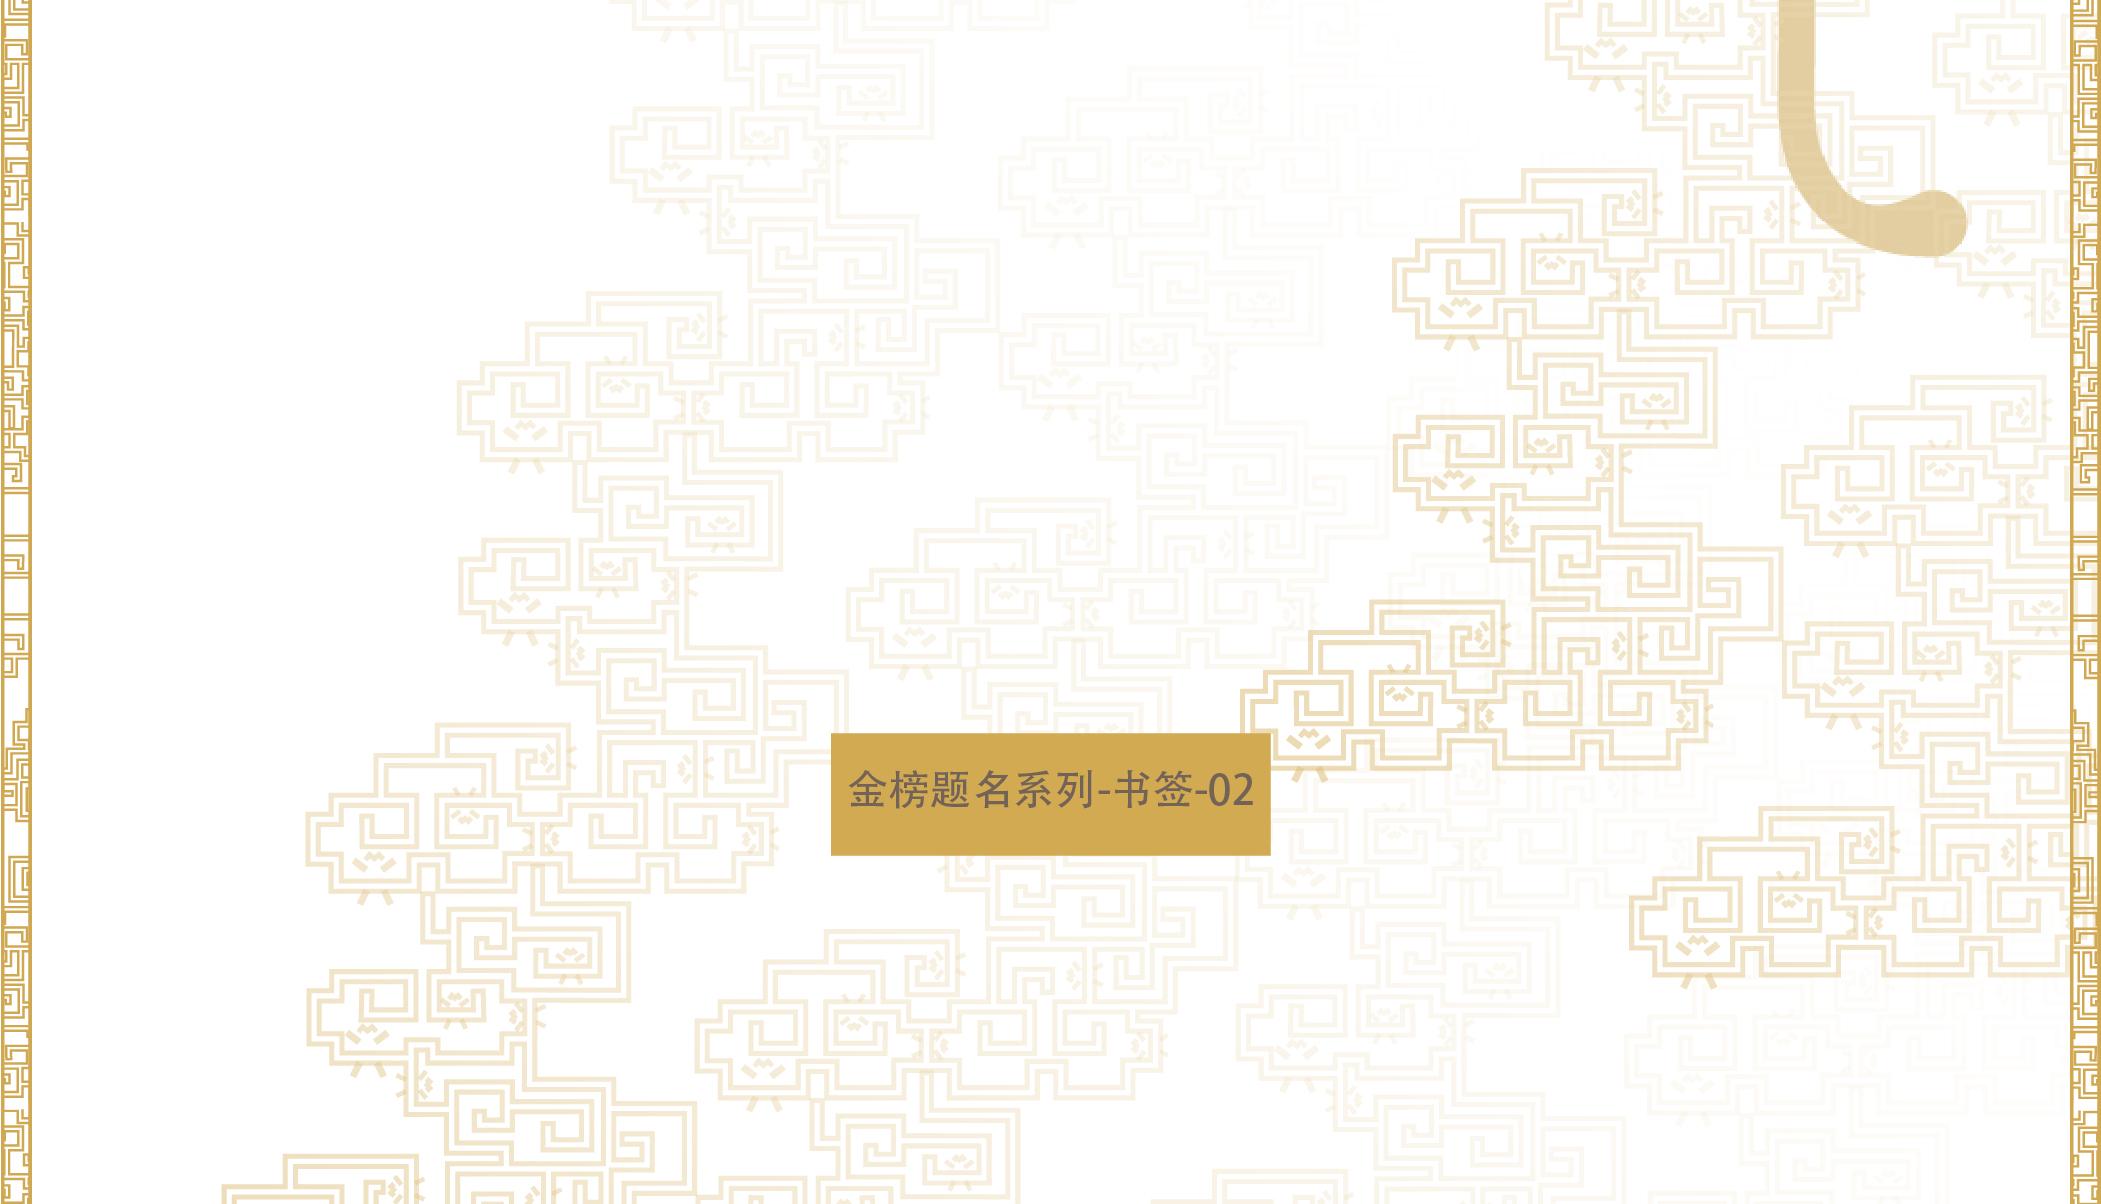 长图详情-25.jpg